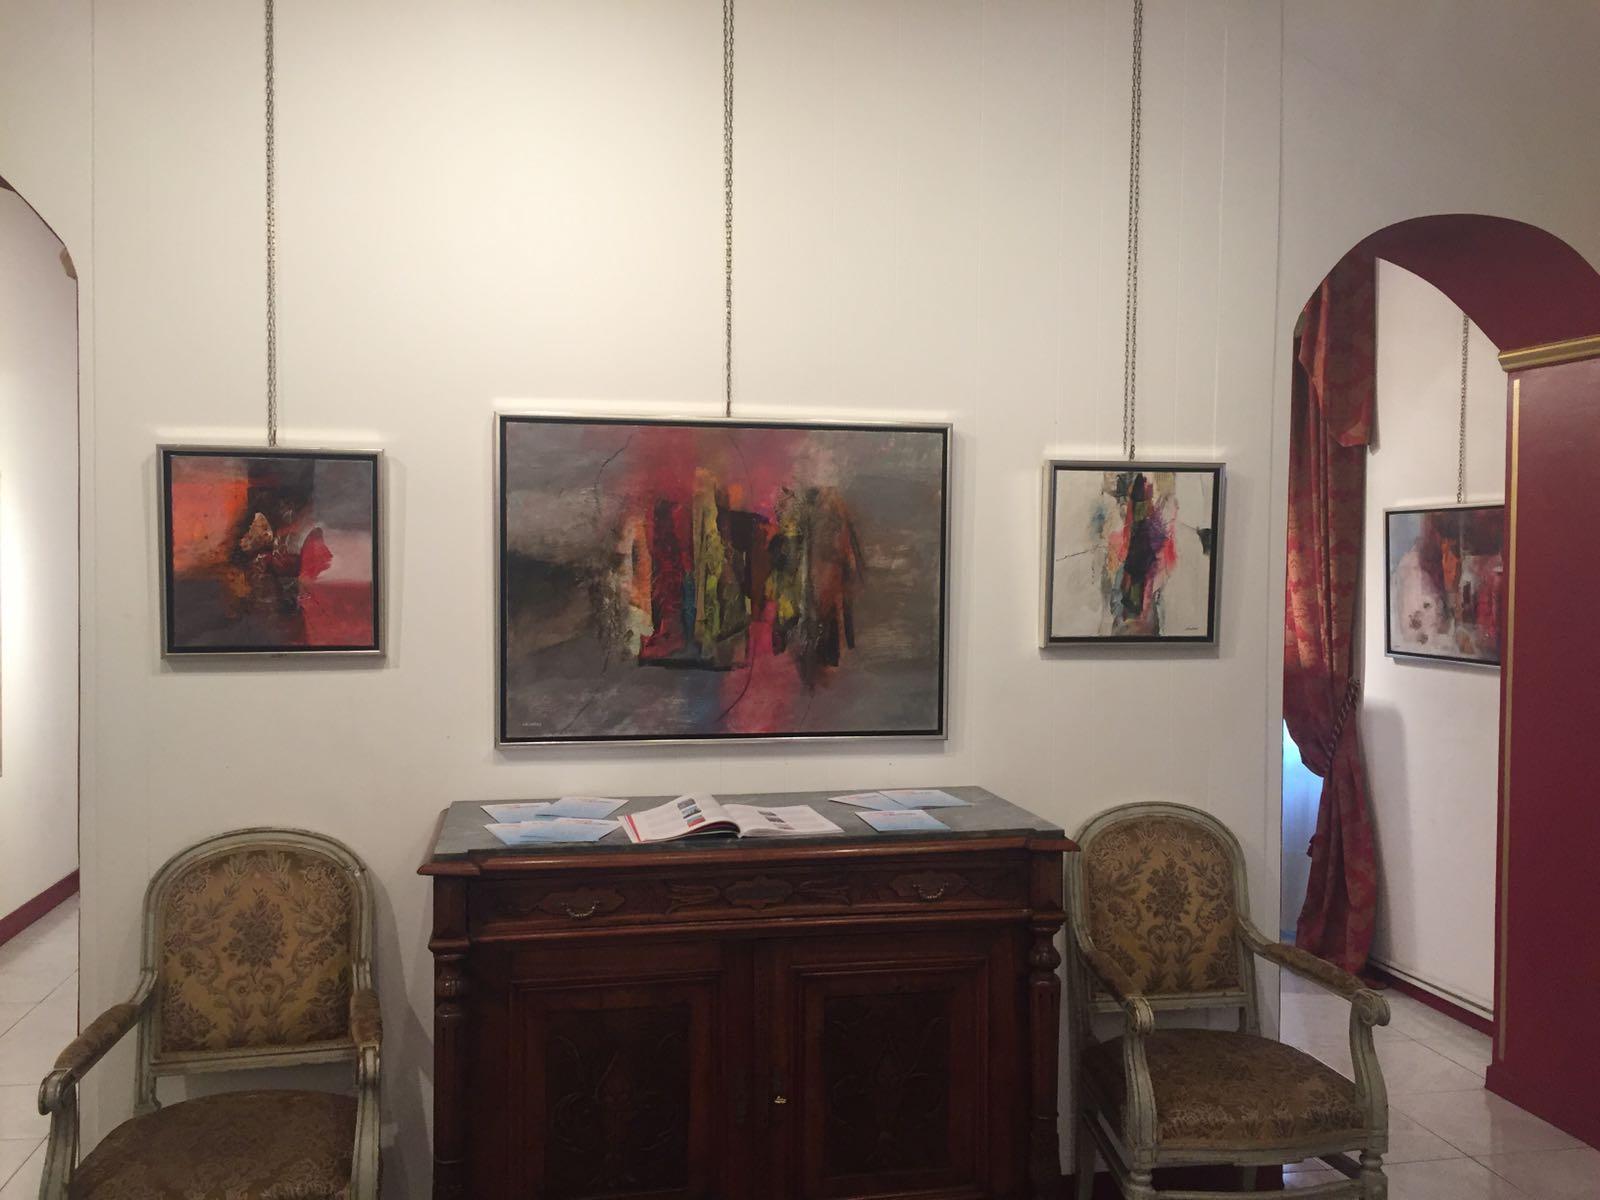 malinpensa galleria d arte mostra delle donne nell'arte.jpg